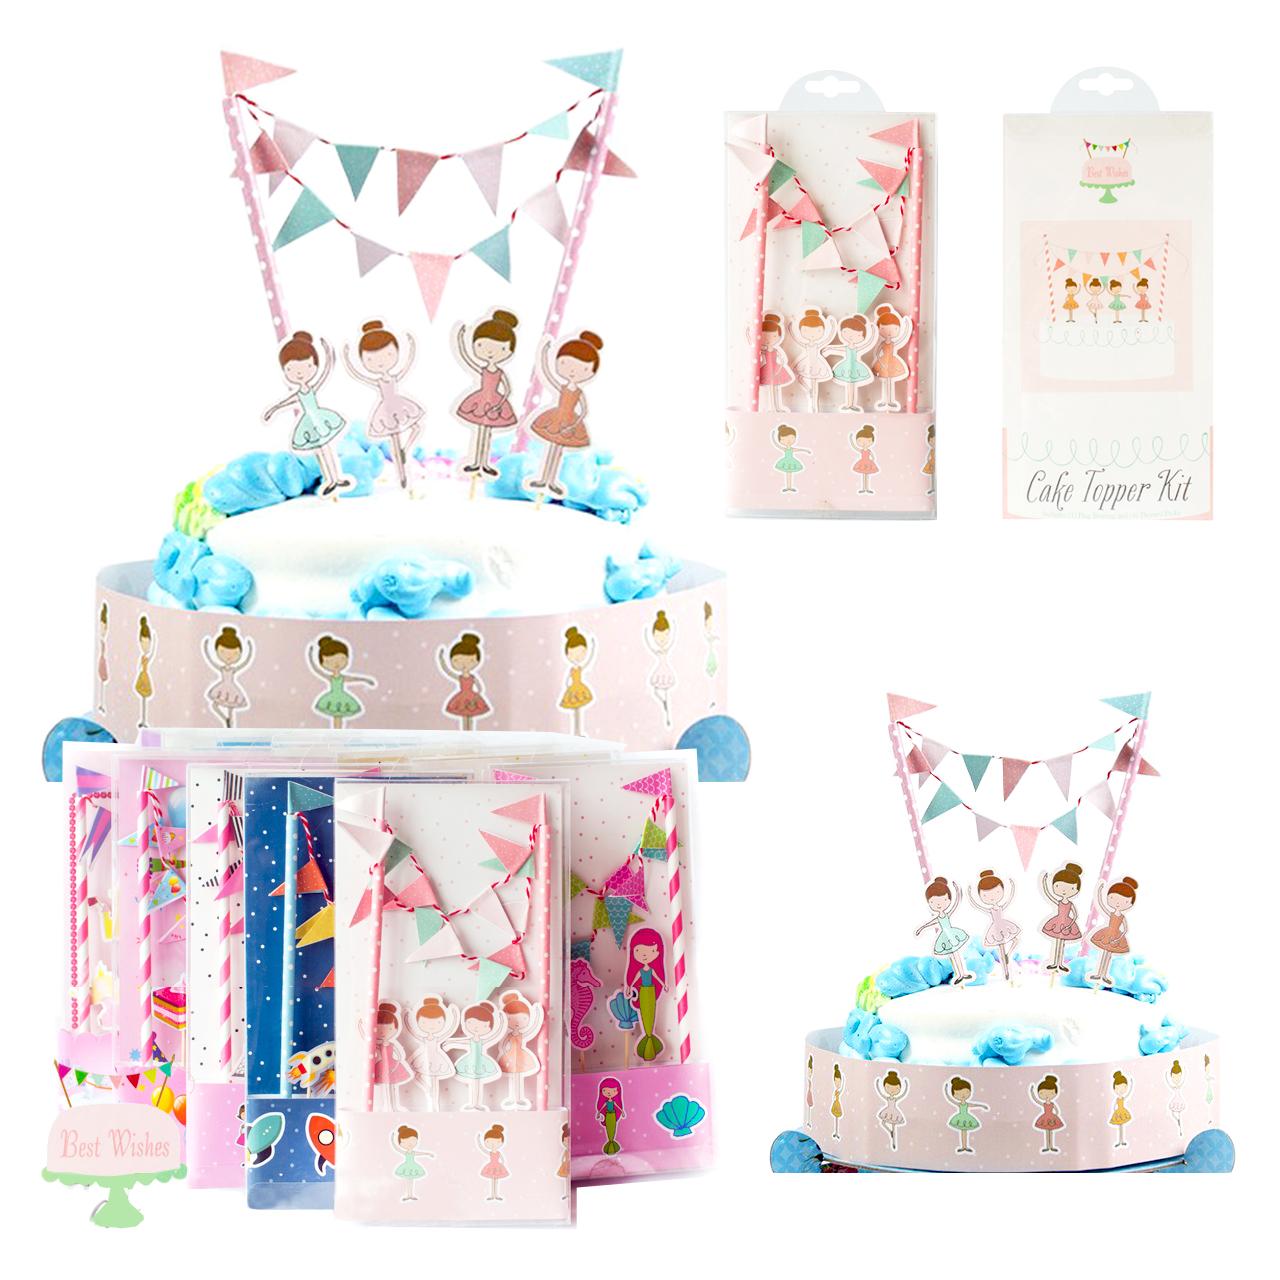 ชุดตกแต่งเค้ก แบบปัก รูป นักบัลเล่ต์ (CAKE Topper Kit)